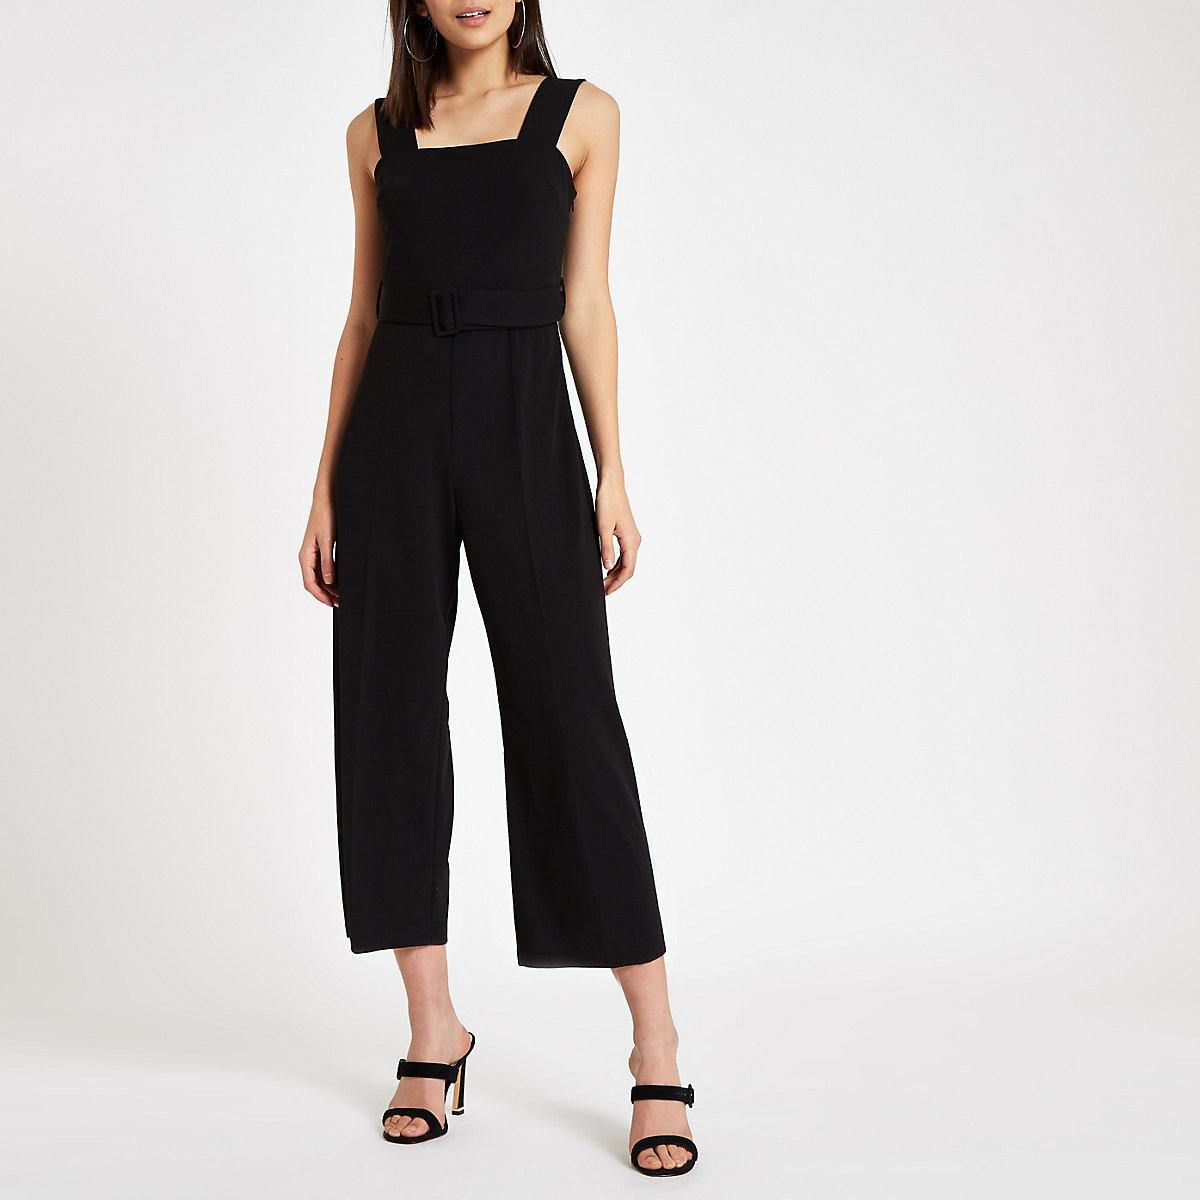 b2bcc8d14bfa Black square neck belted wide leg jumpsuit - Jumpsuits - Playsuits ...